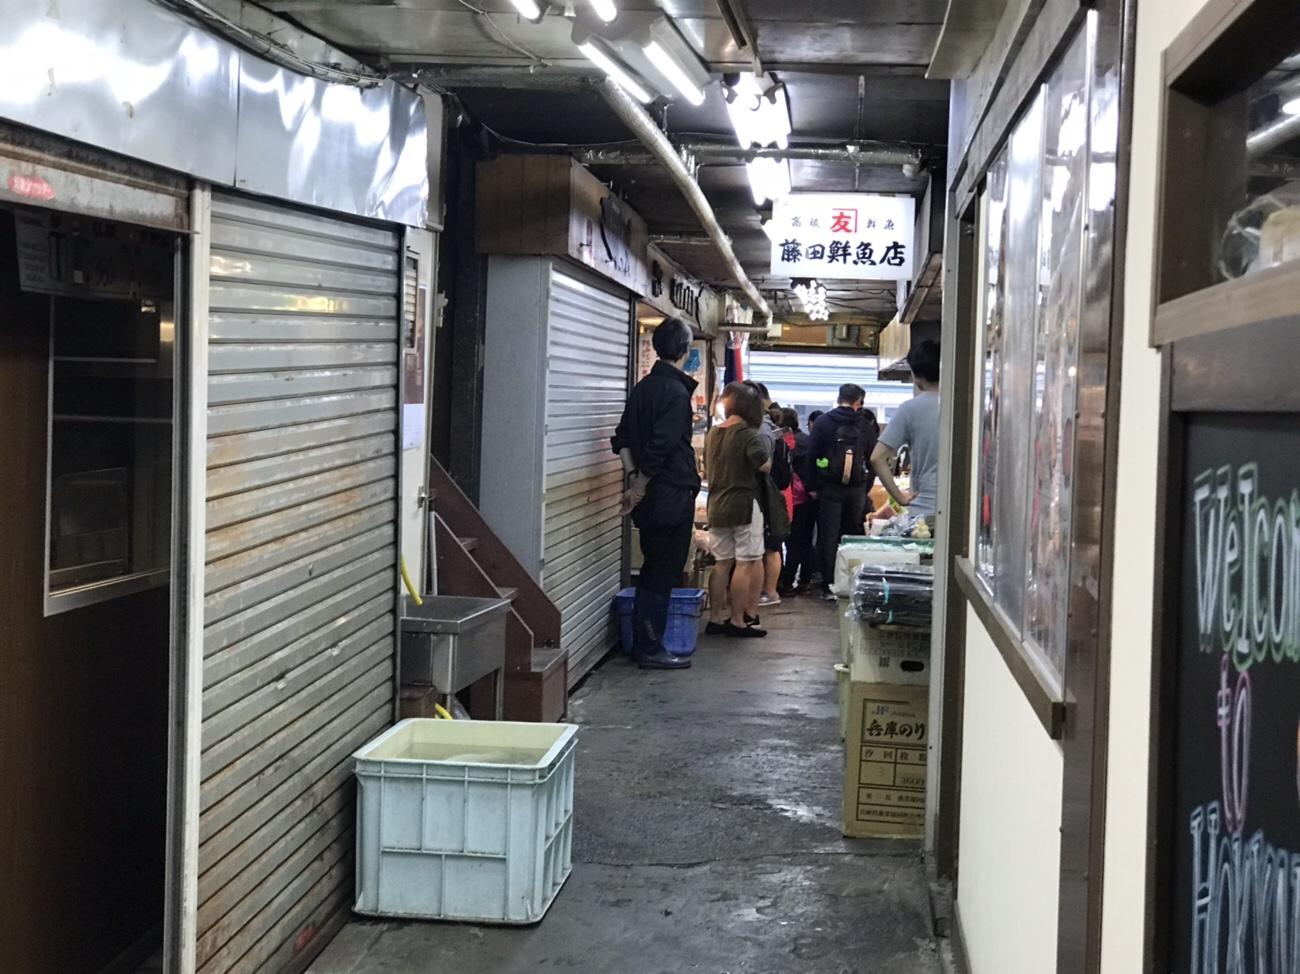 札幌観光 札幌グルメにおすすめの二条市場